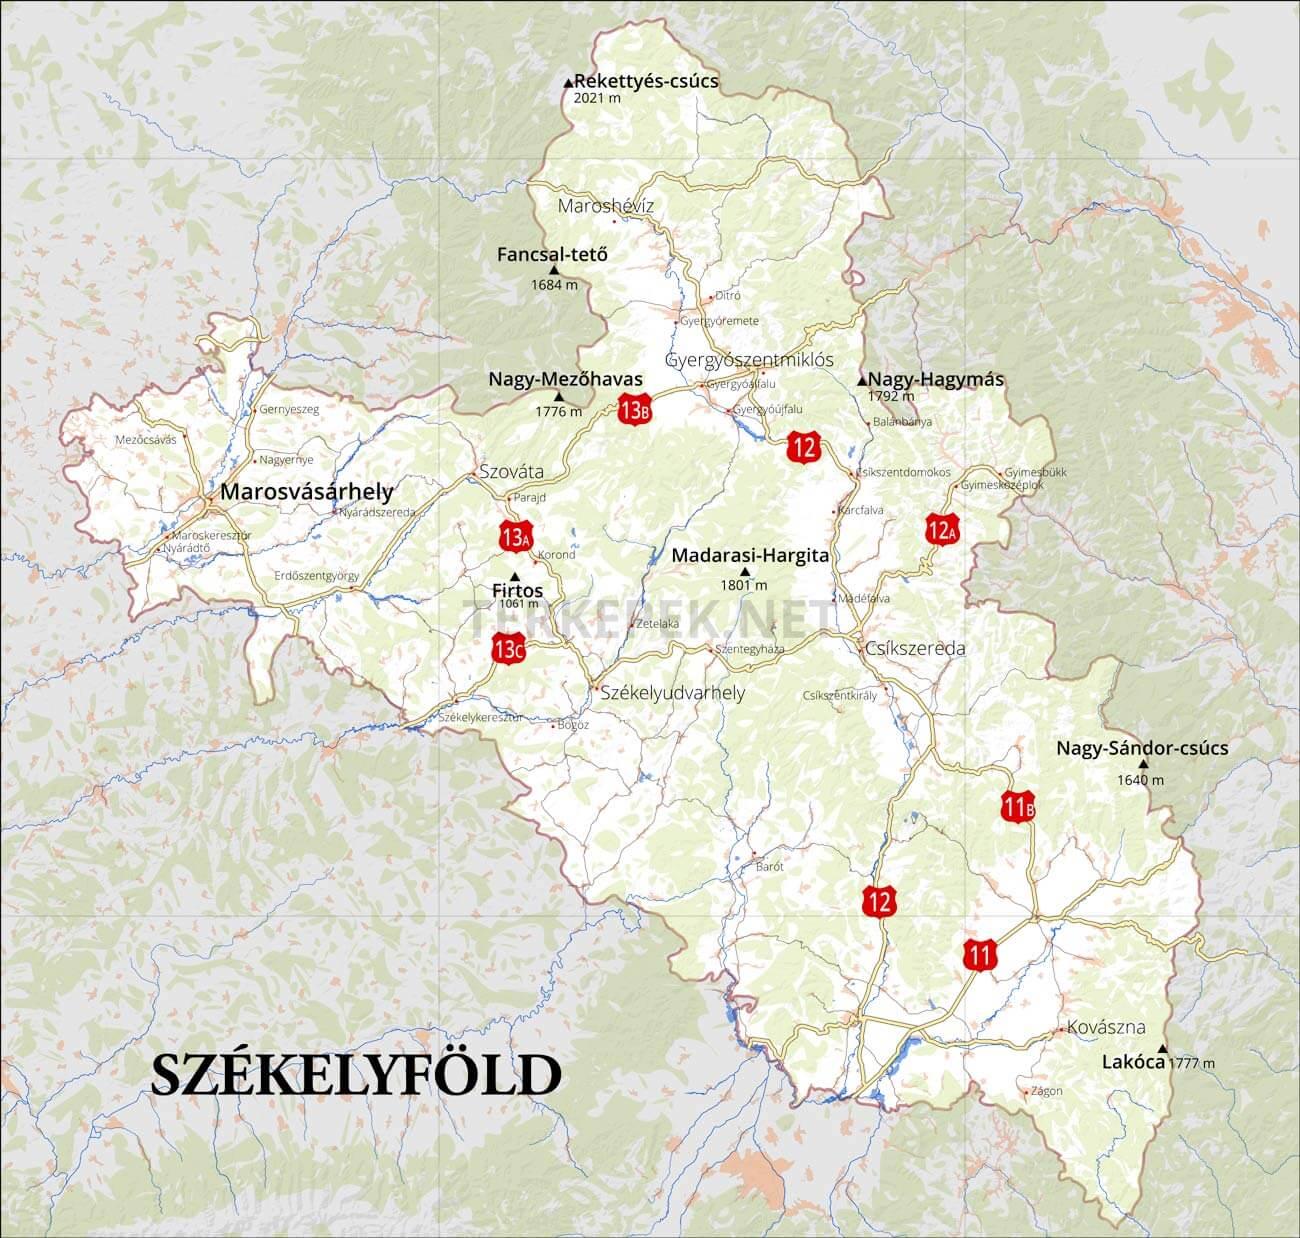 erdély domborzati térkép magyarul Székelyföld domborzati térképe erdély domborzati térkép magyarul